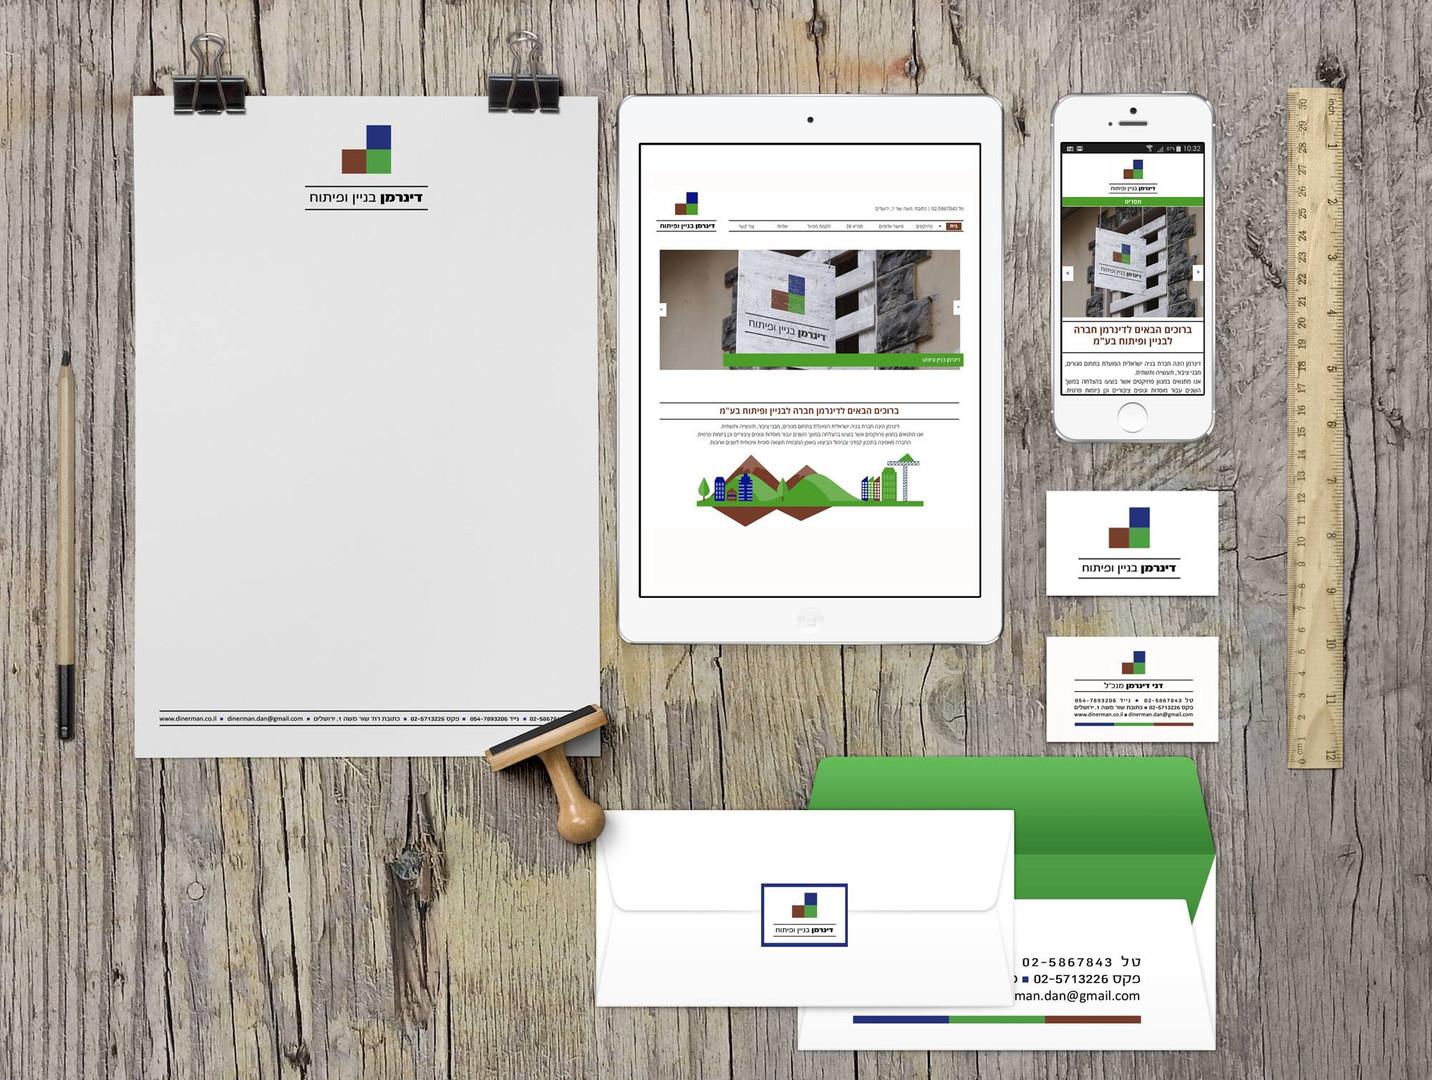 דינרמן חברה לבנין ופיתוח. נדלן.עיצוב ומיתוג חזותי. עיצוב לוגו, עיצוב כרטיסי ביקור, ניירת משרדית, חתימה למייל, עיצוב אתר